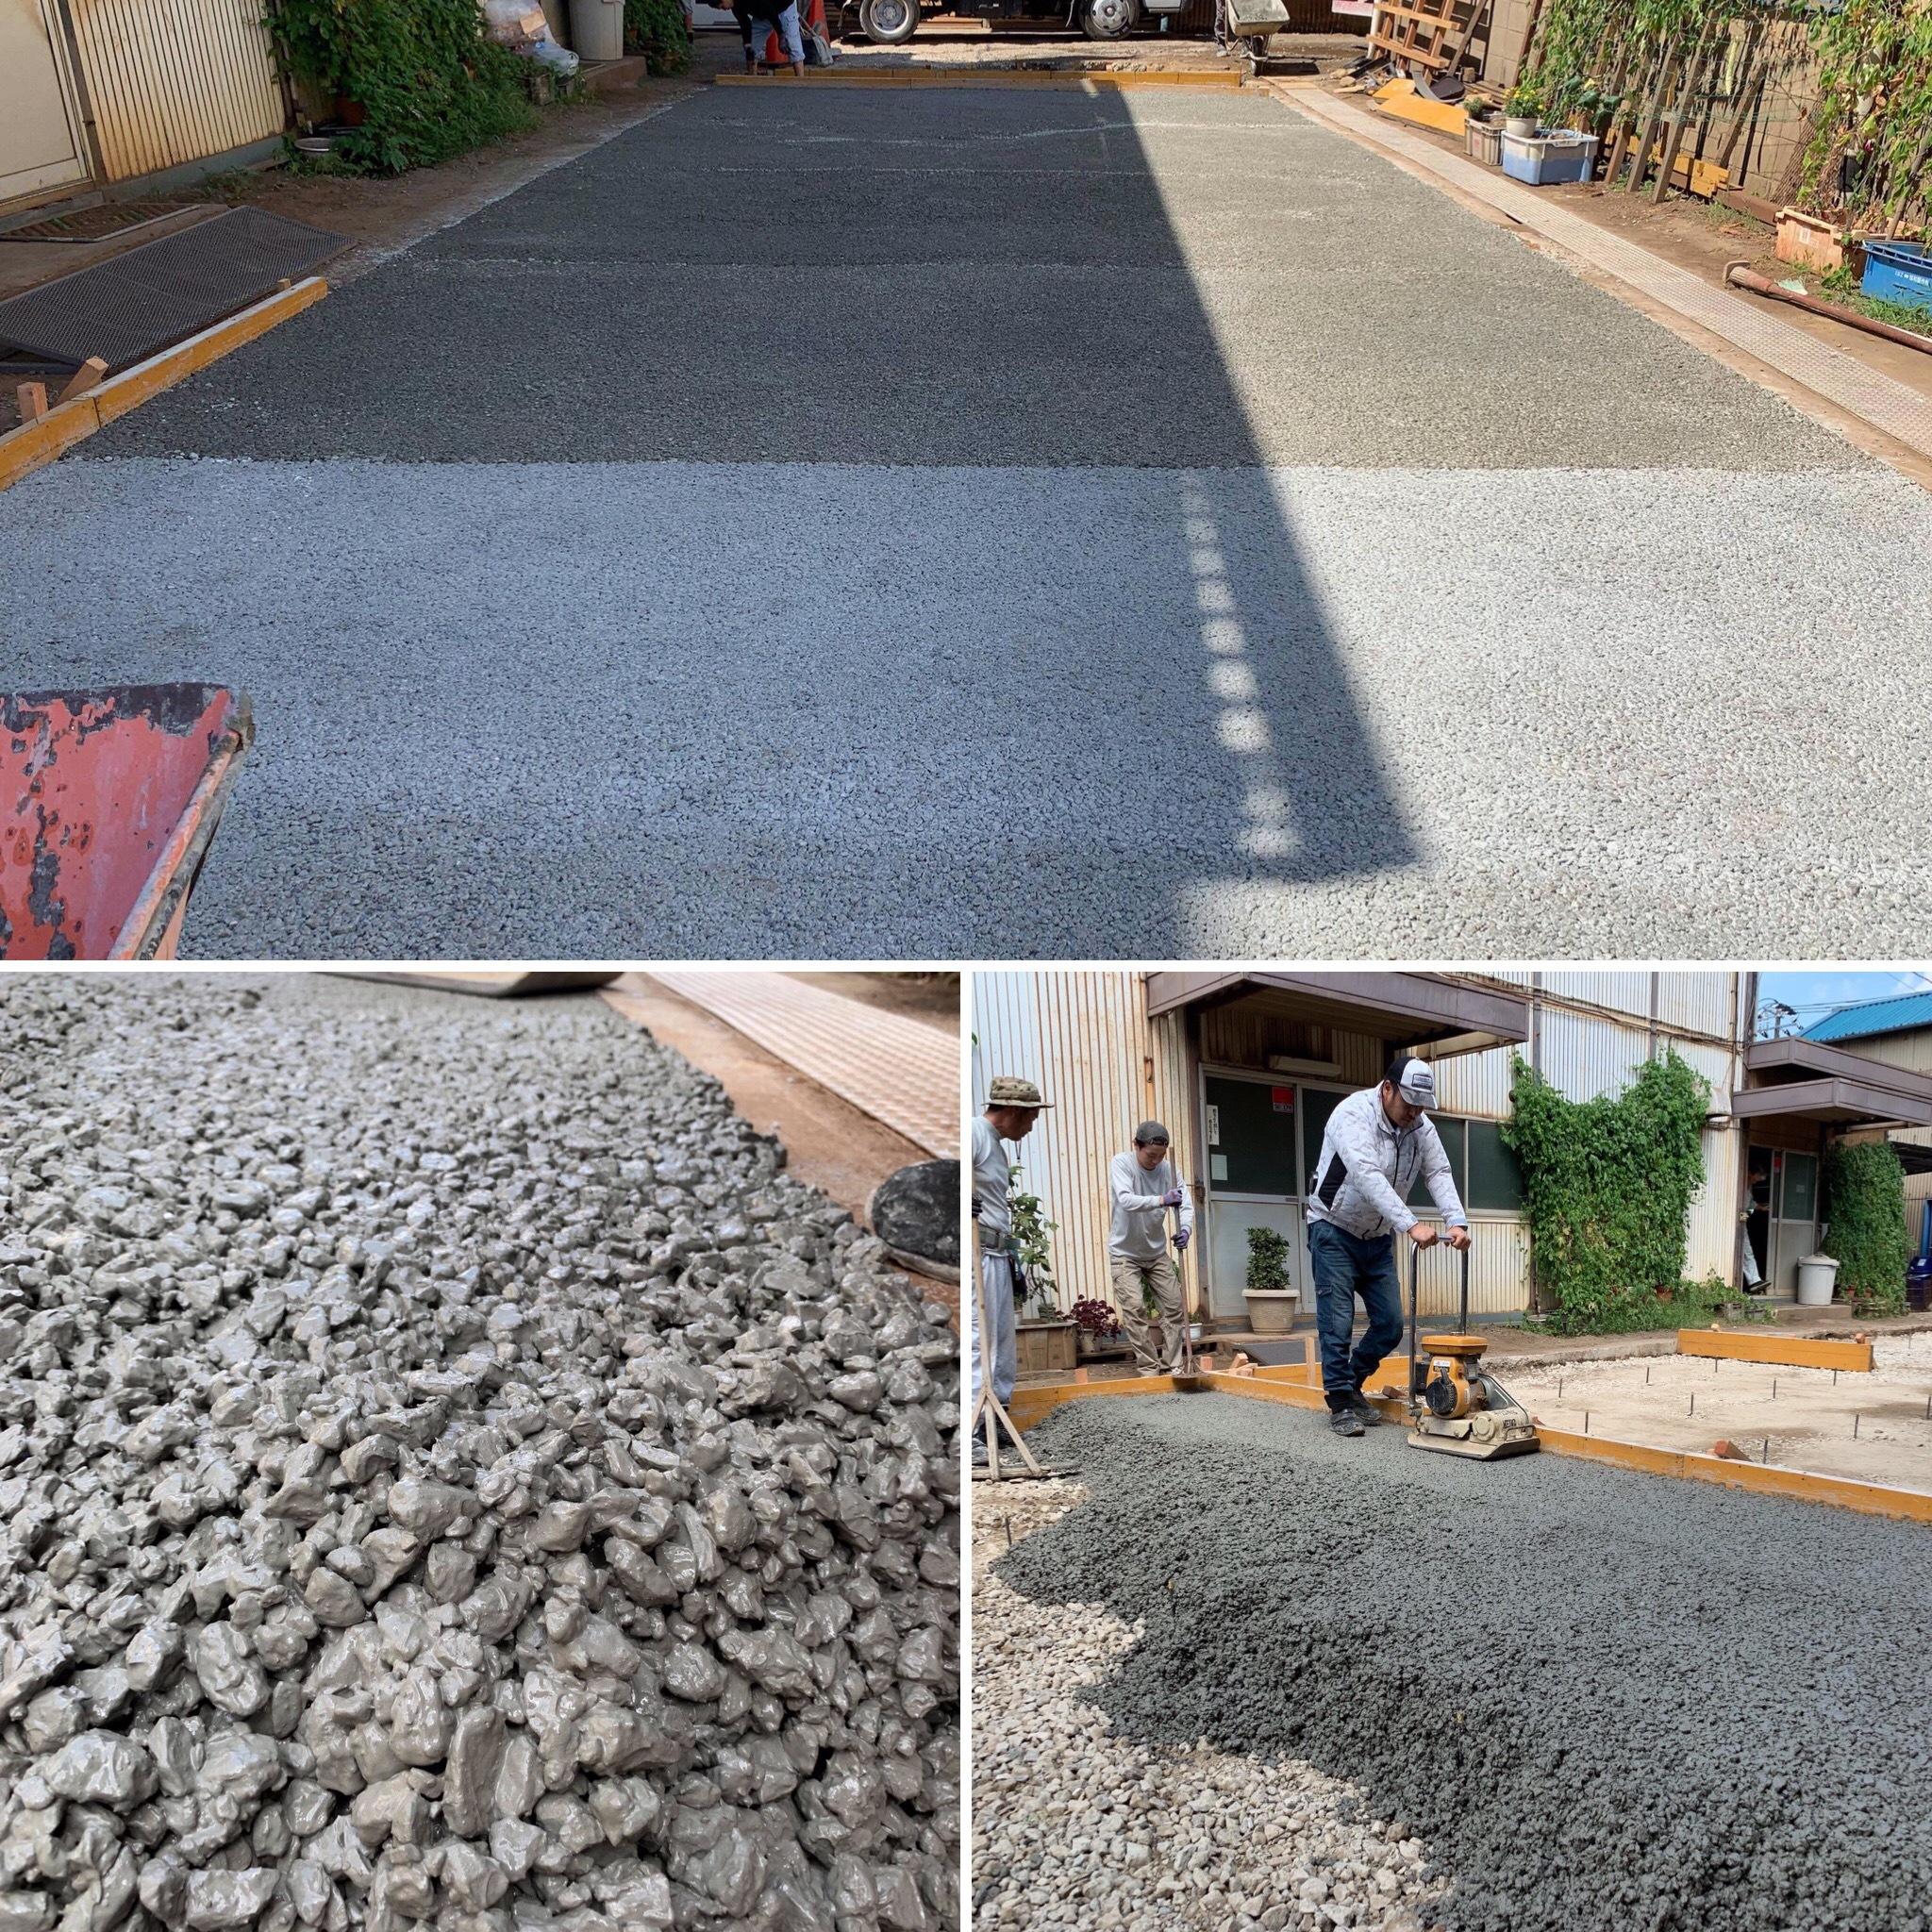 【神奈川】「アスファルトがたわんでフォークリフトが危ない」石油製品じゃない透水性コンクリートの真価